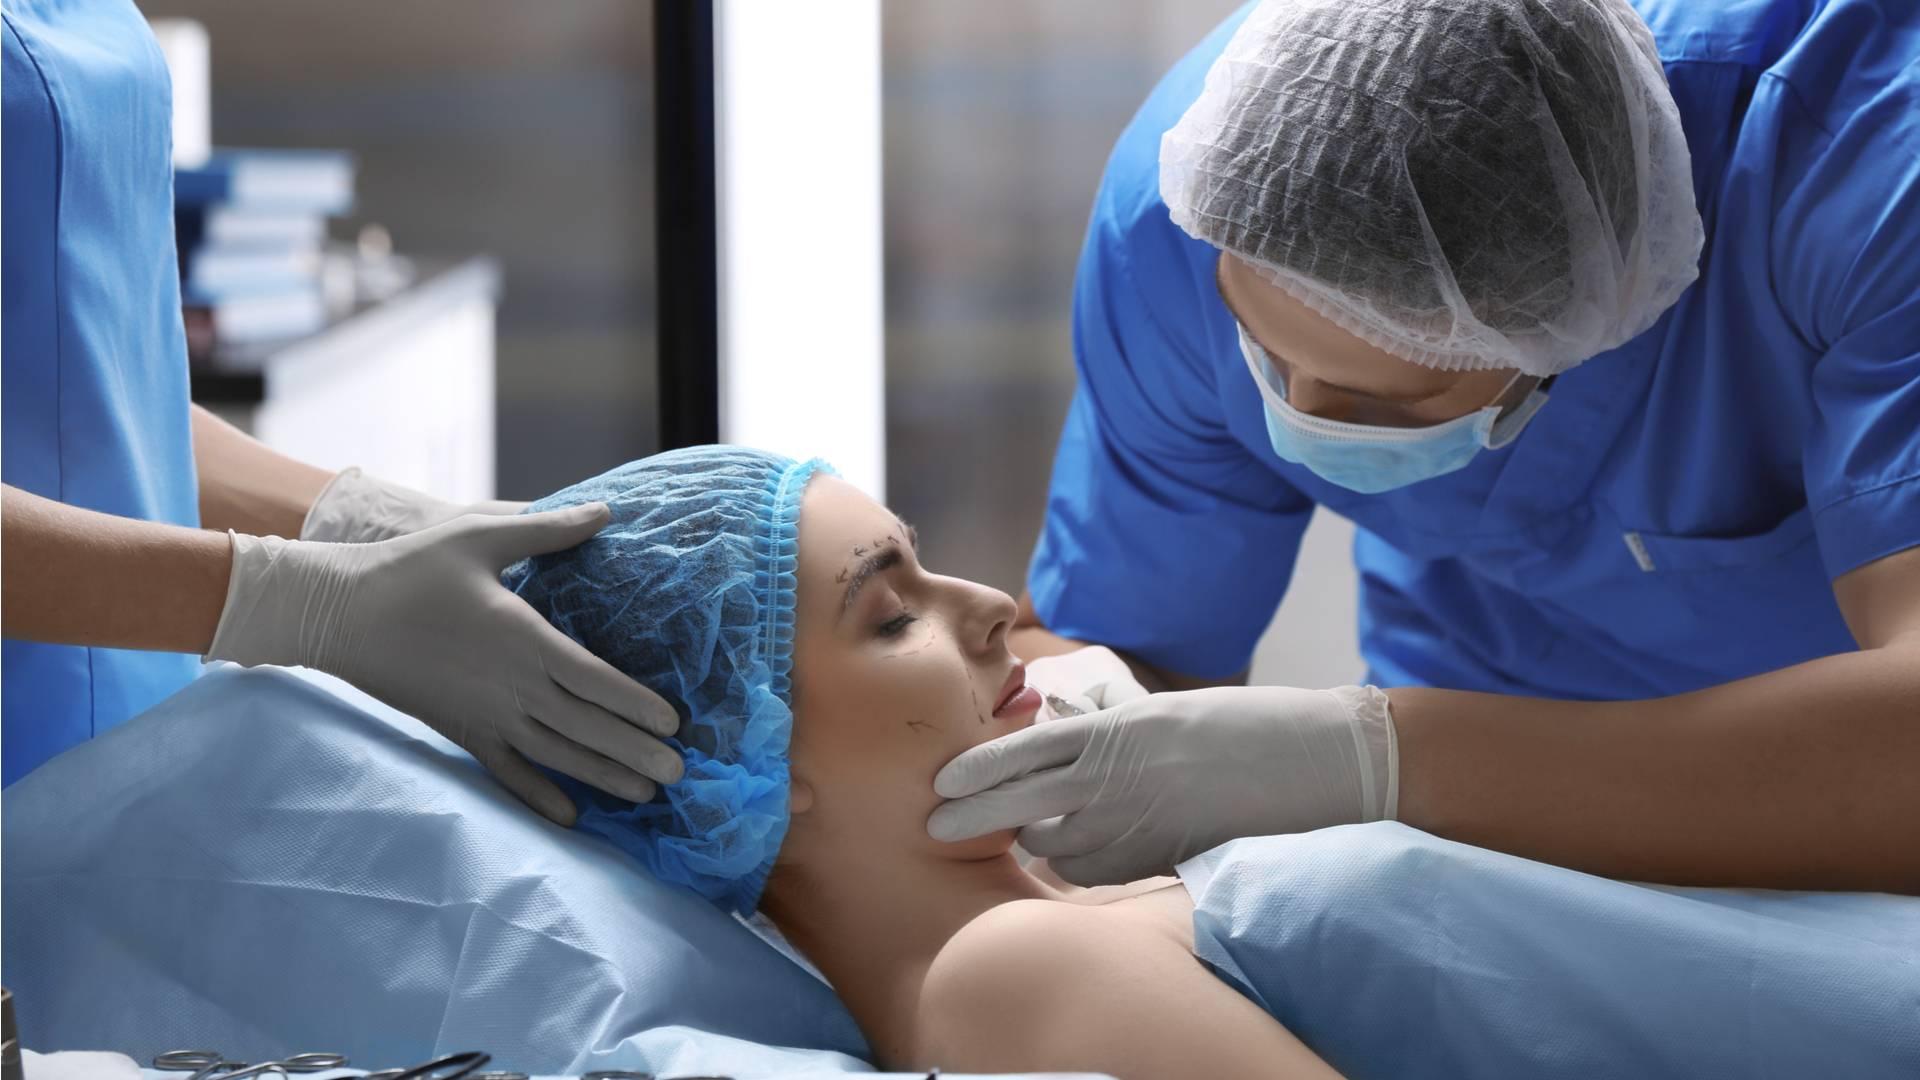 Пластическая хирургия в германии: доступно и безопасно